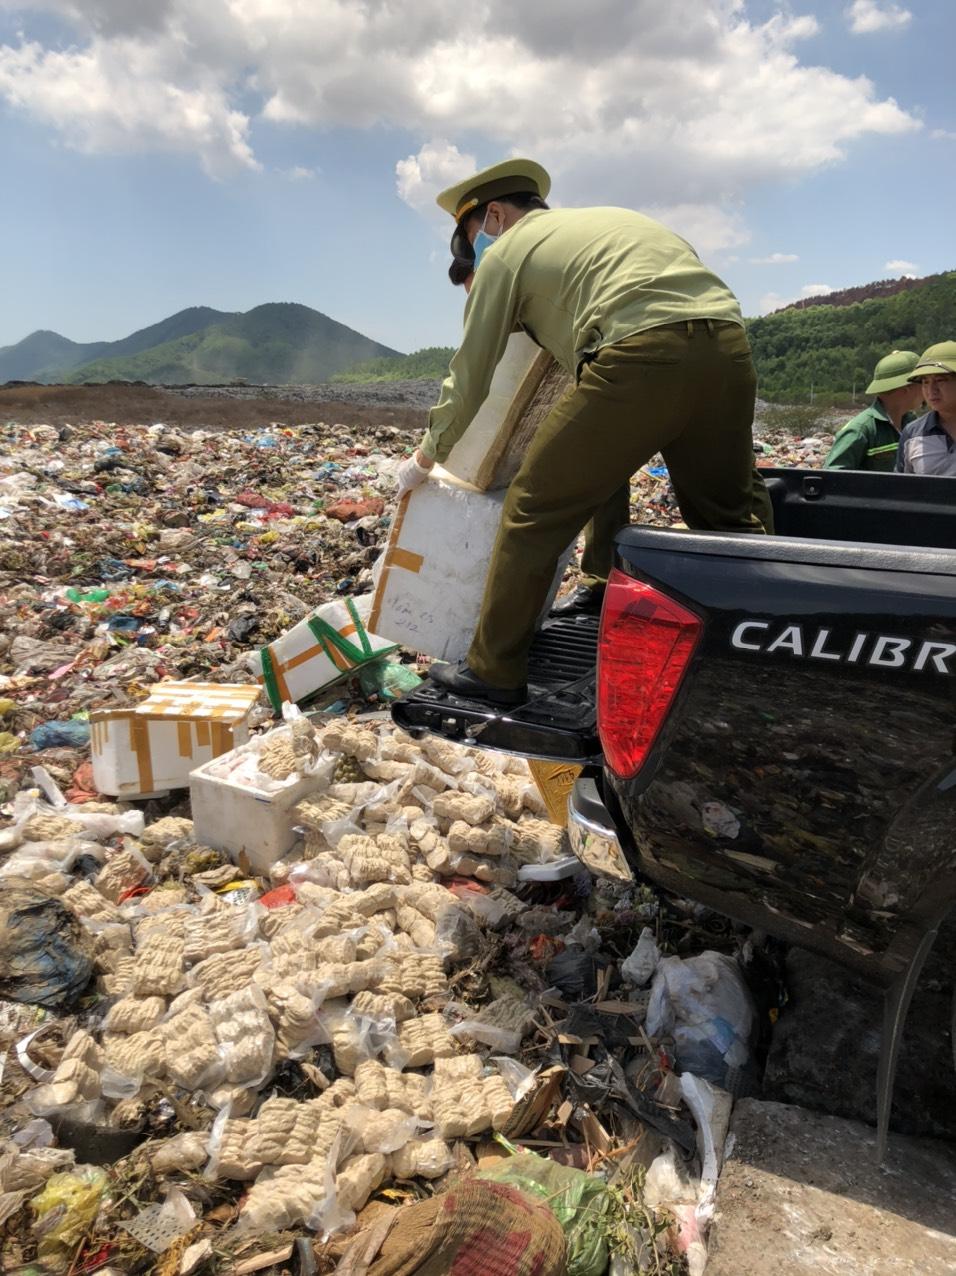 Nghệ An : Kiểm tra, phát hiện vụ việc vận chuyển 400 kg thực phẩm không rõ nguồn gốc, xuất xứ